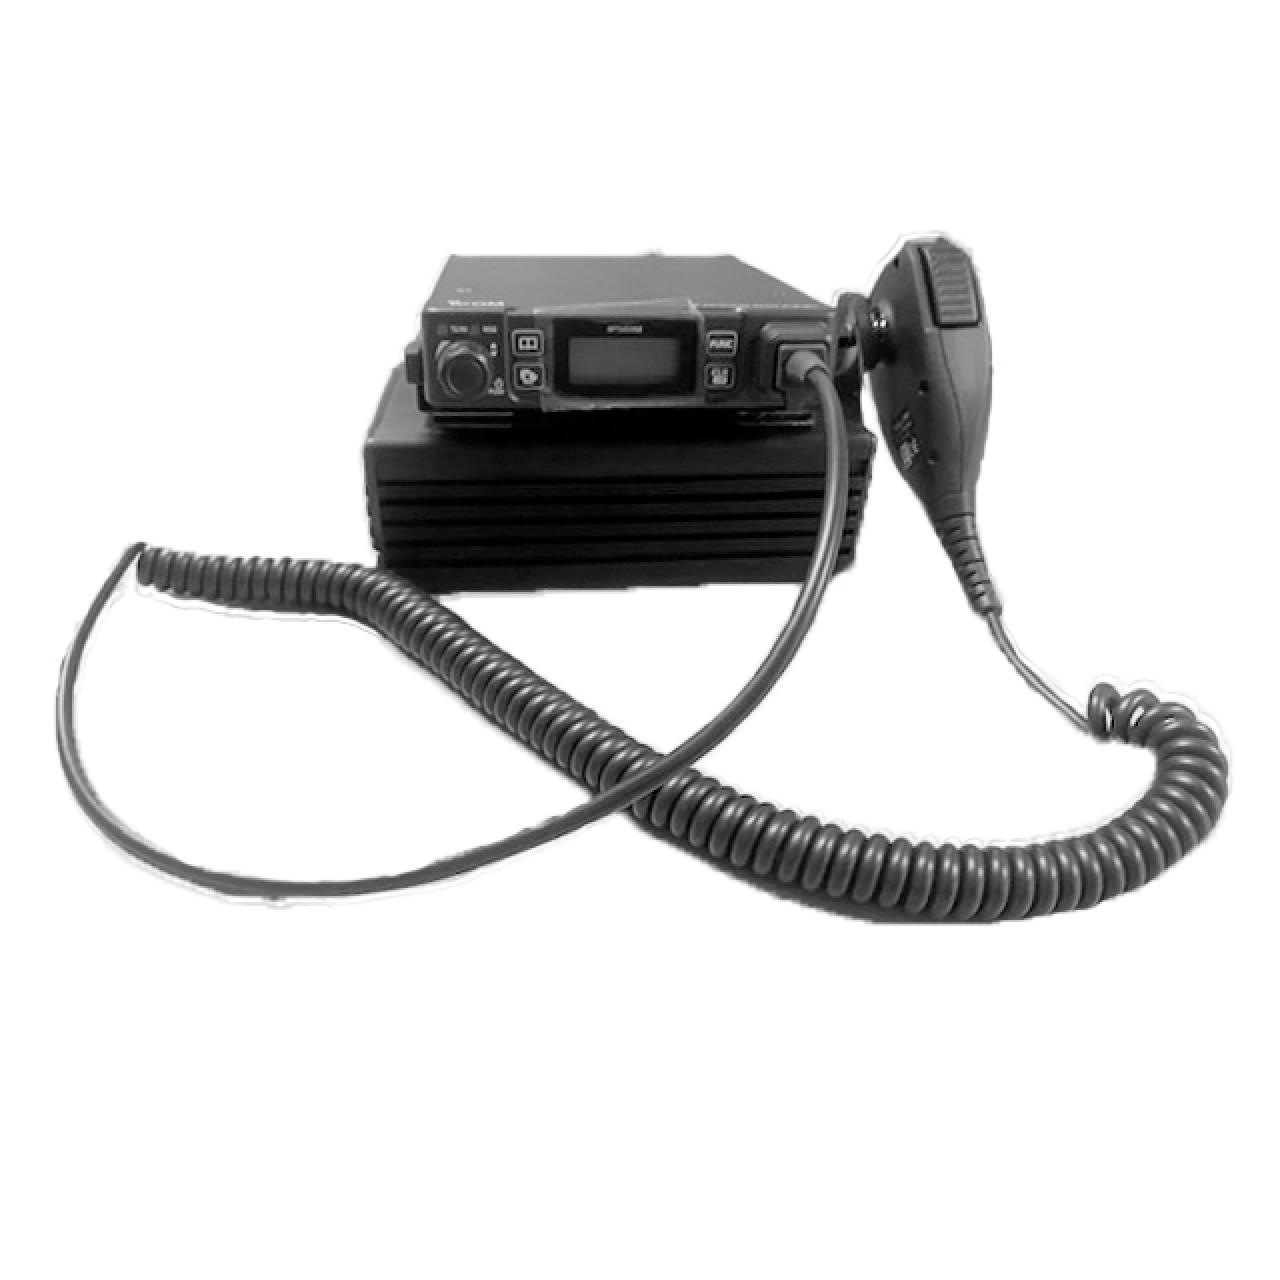 PS-AD501M Chargeurs et alimentations - ICOM